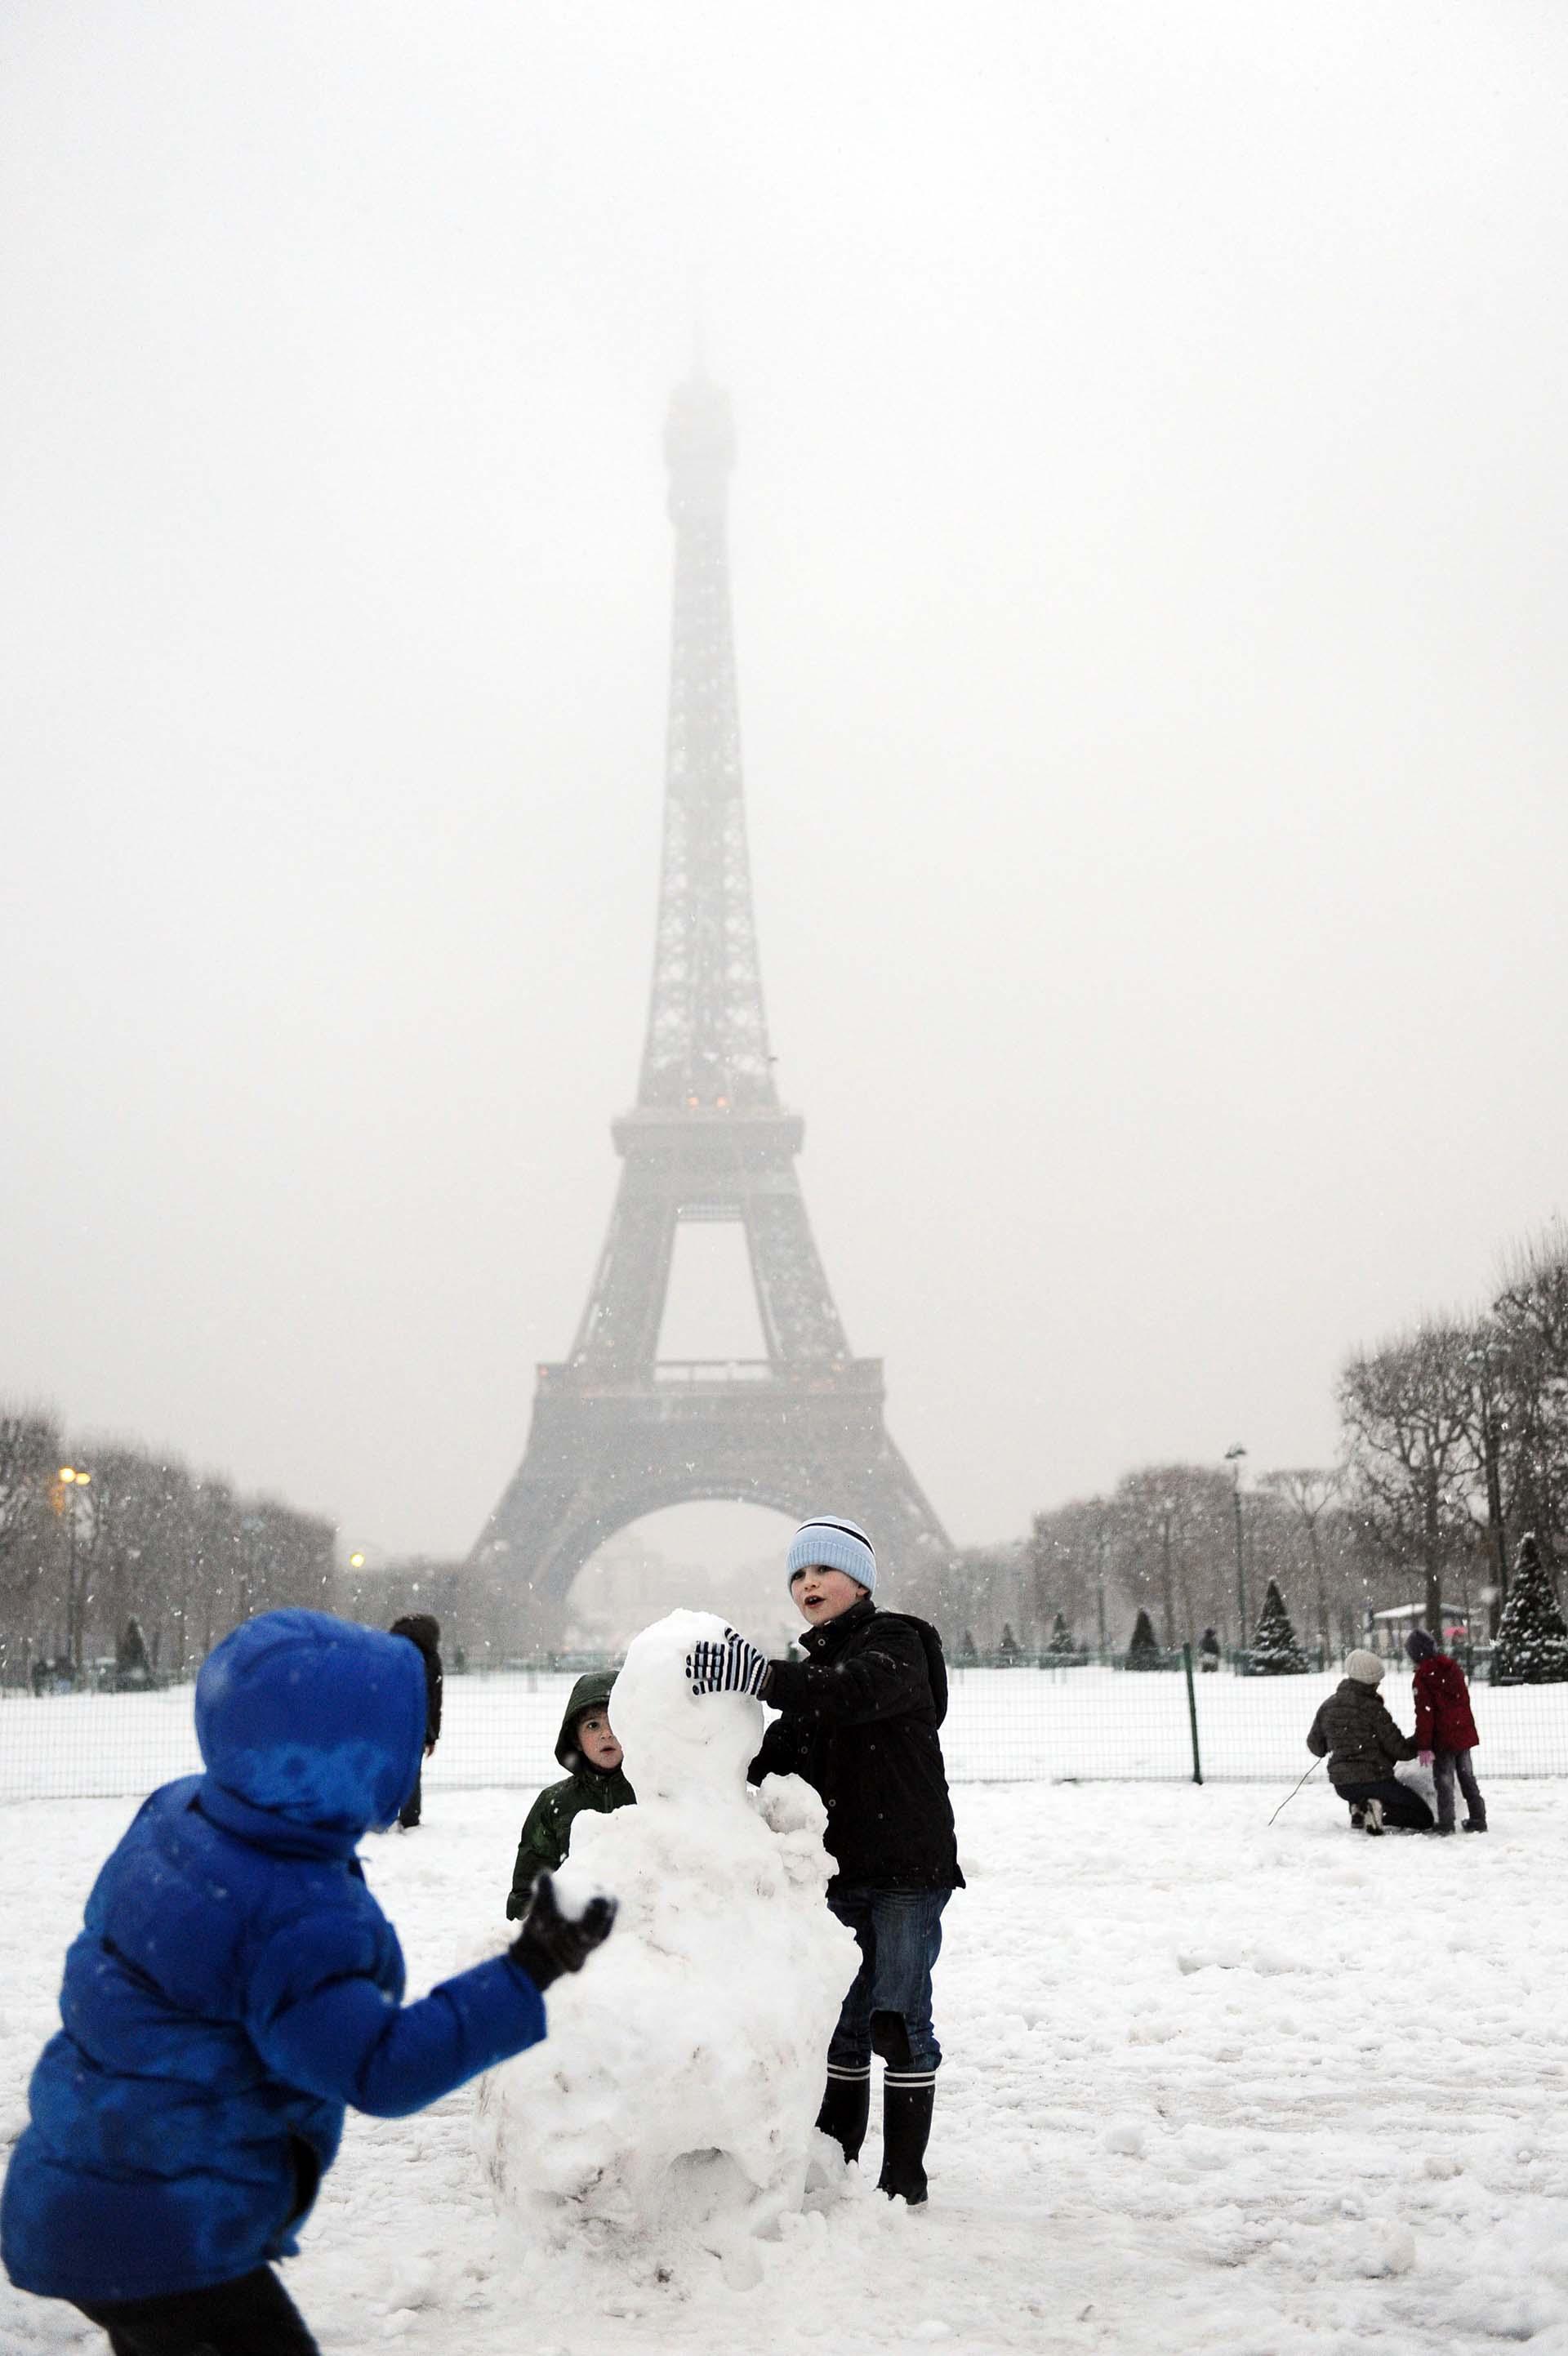 Niños hacen un muñeco de nieve frente a la Torre Eiffel durante una de las habituales tormentas de nieve invernales en Paris.